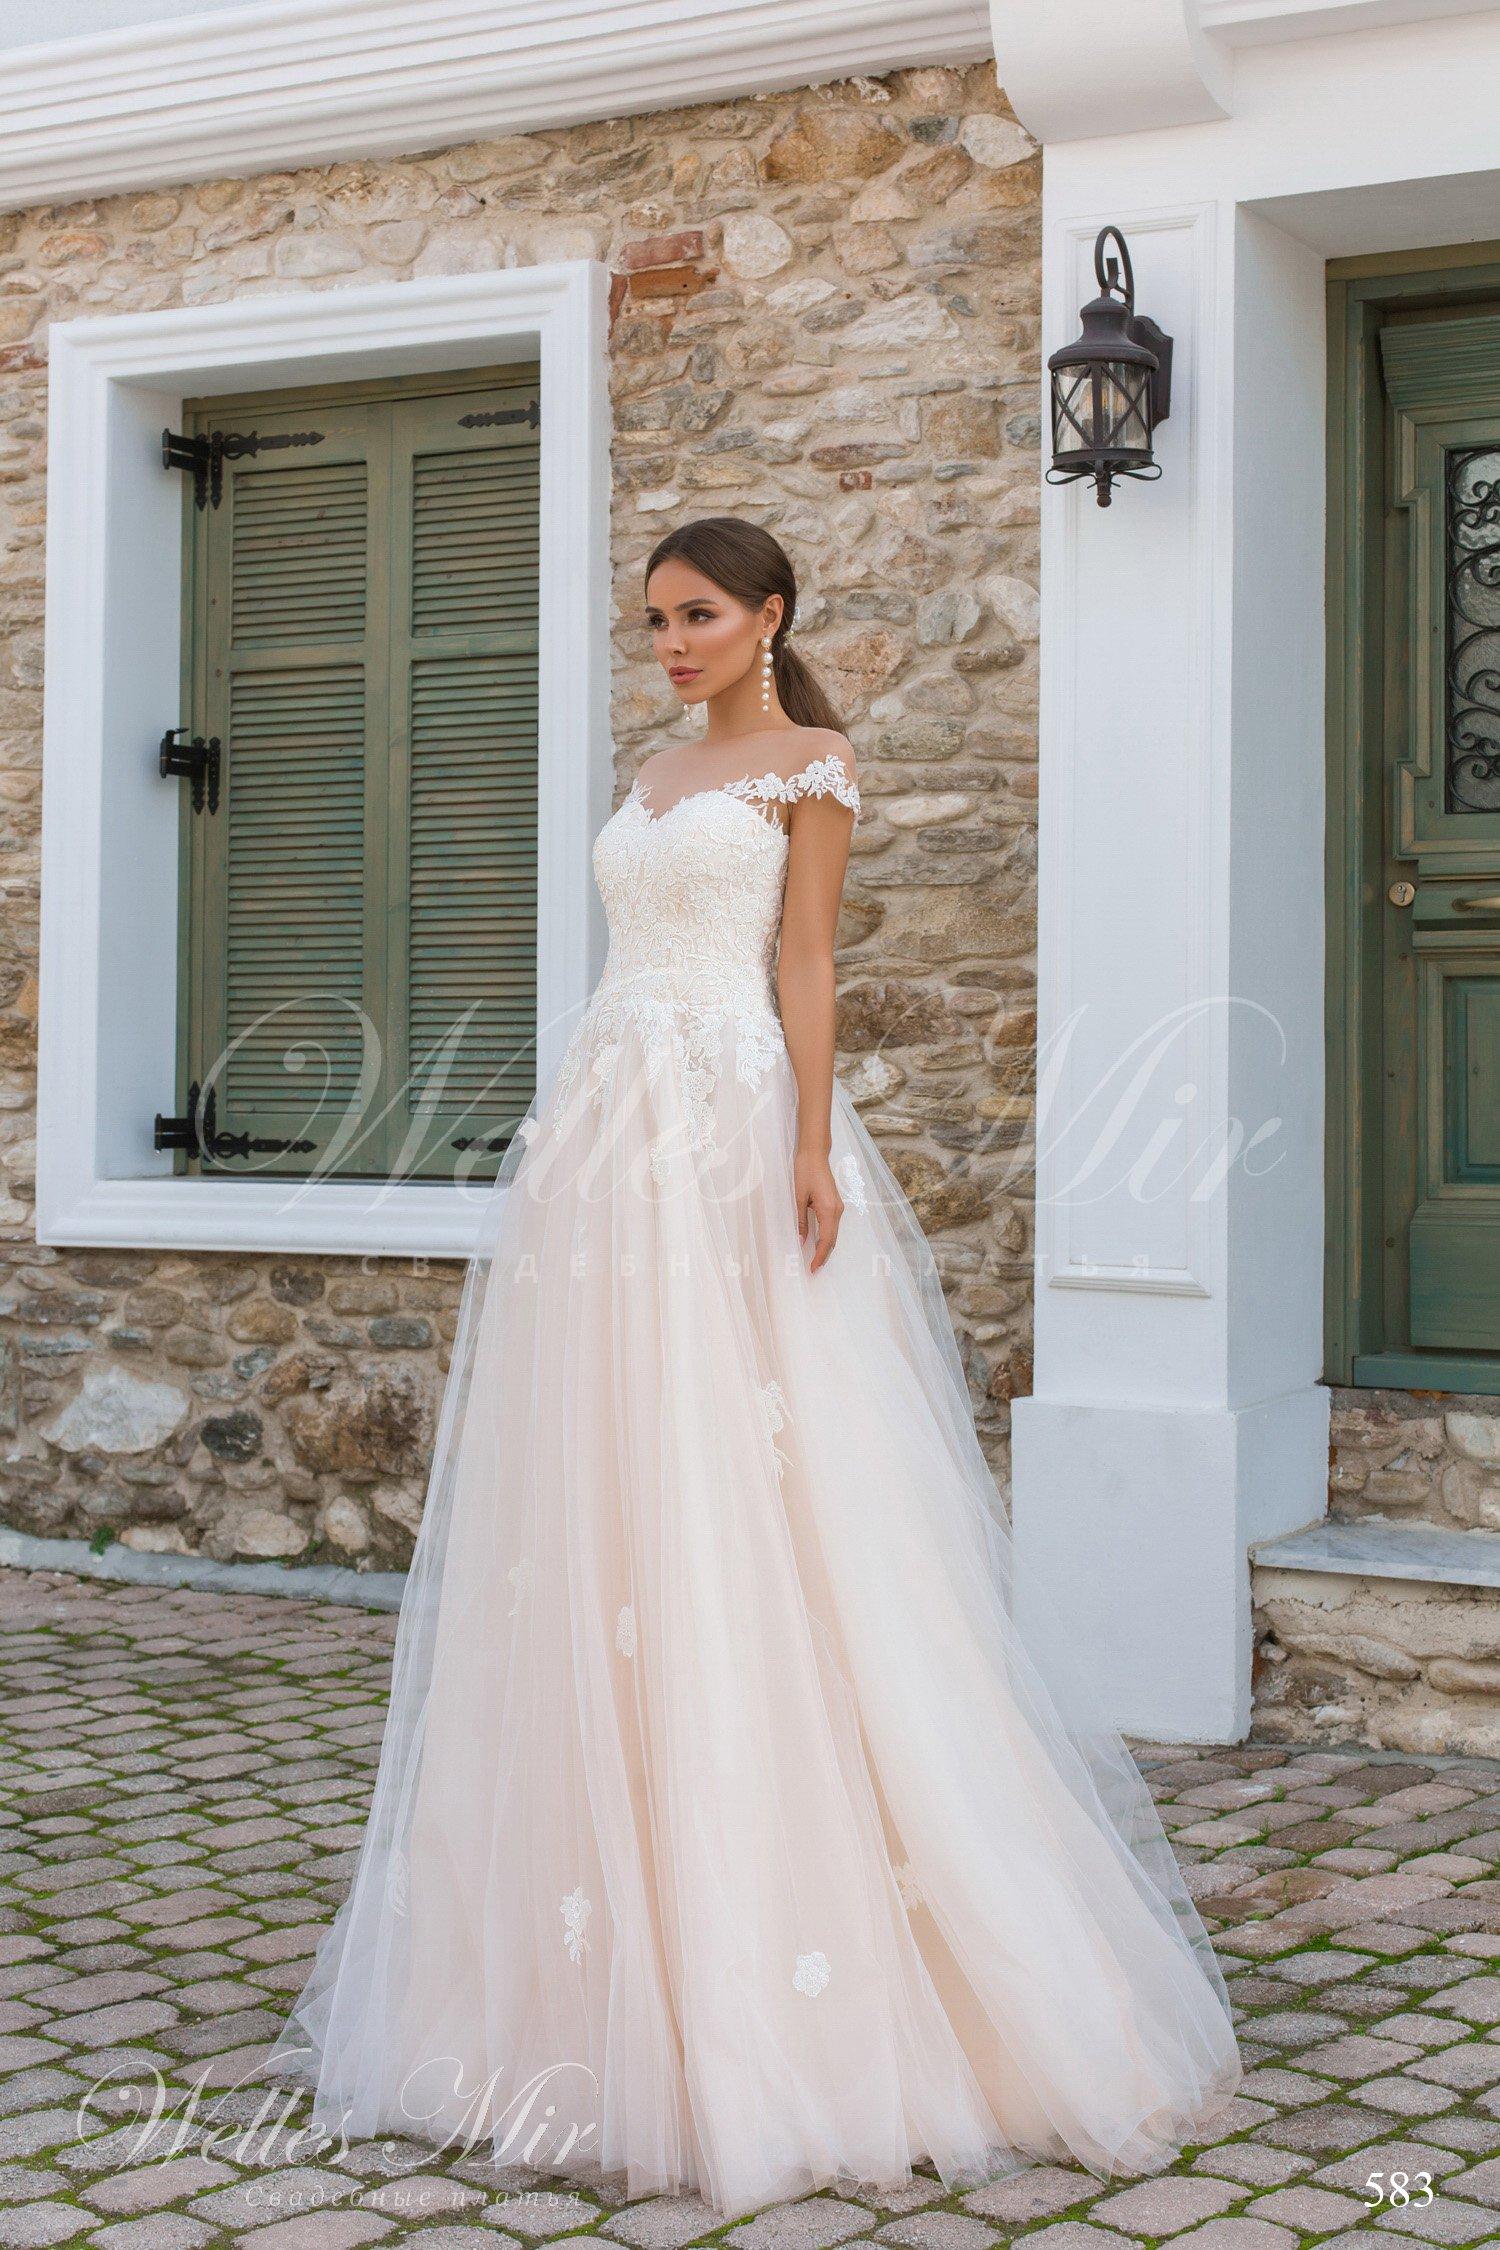 Свадебные платья Limenas Collection - 583